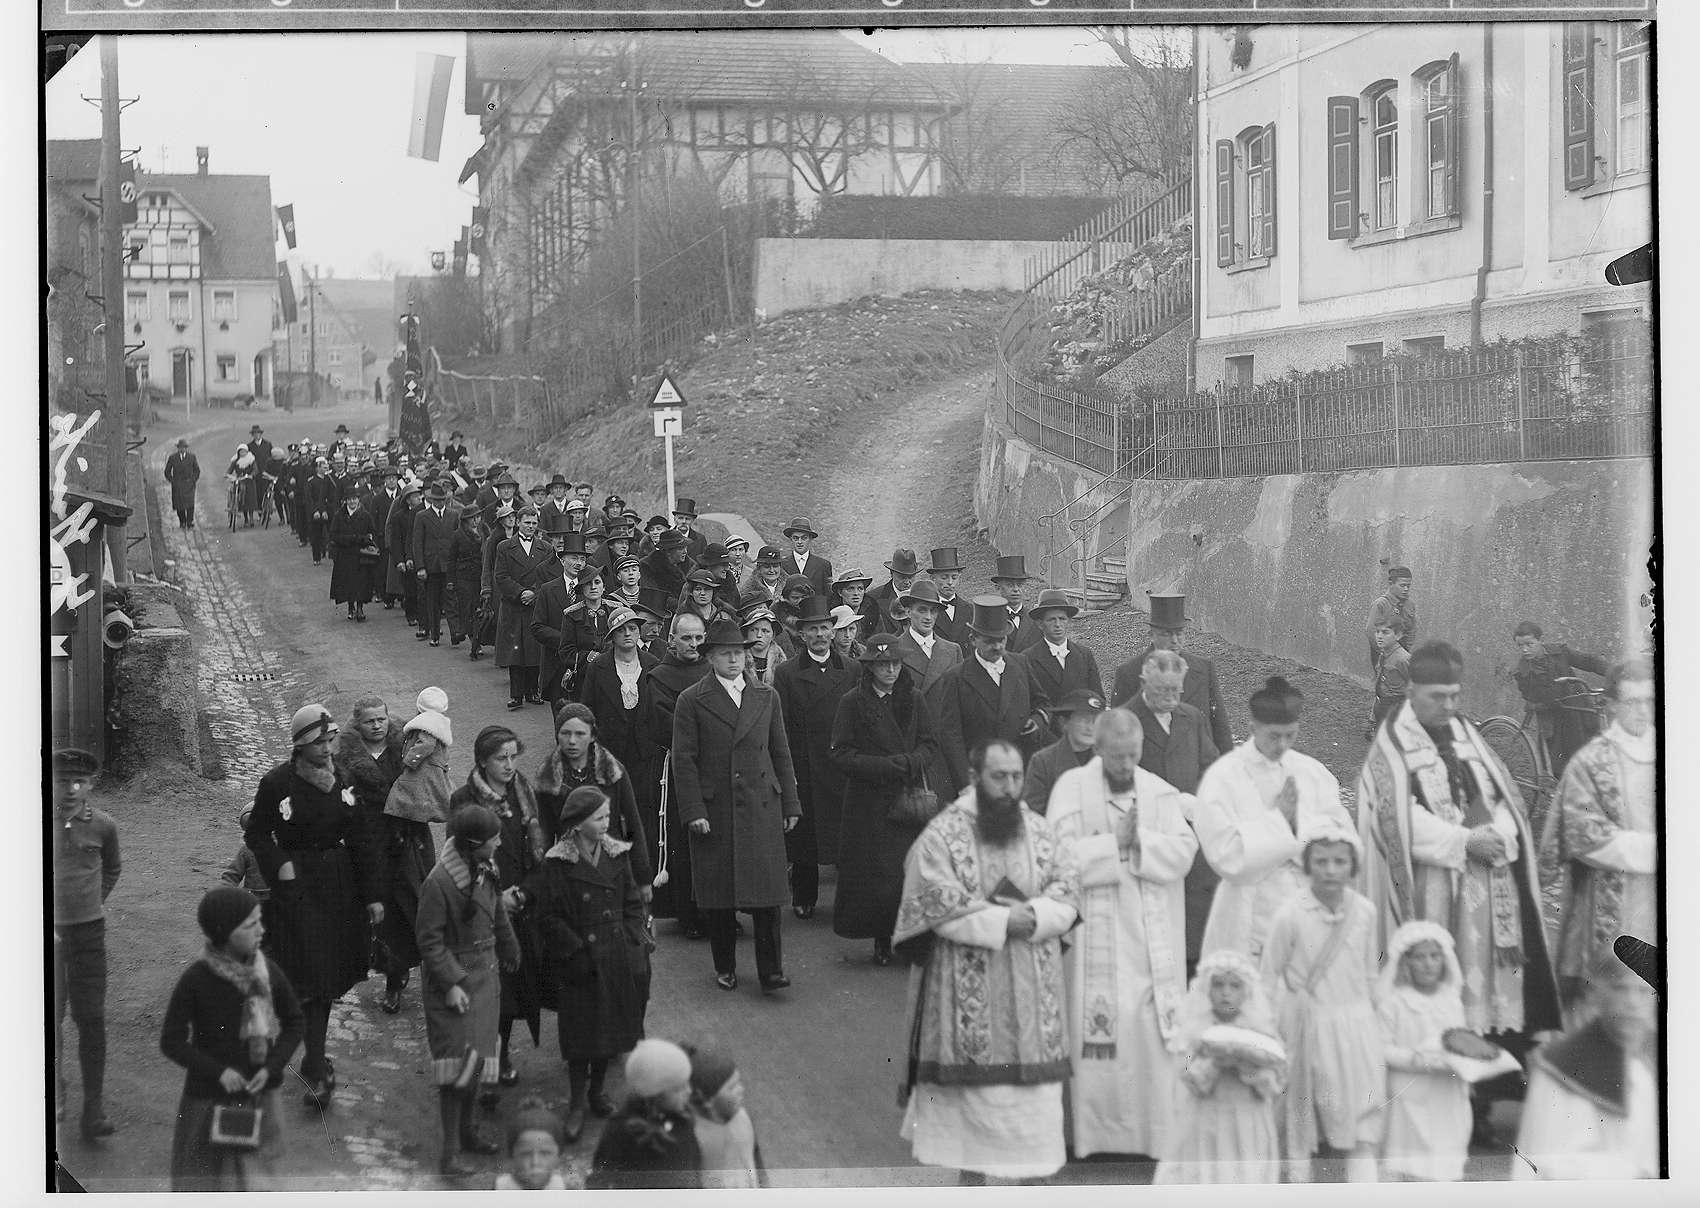 Primizfeier Ruf-Eisele in Sigmaringendorf 1936; Prozession in der Hauptstraße; im Vordergrund Geistlichkeit mit Neupriester und Primizbräutchen, Bild 1